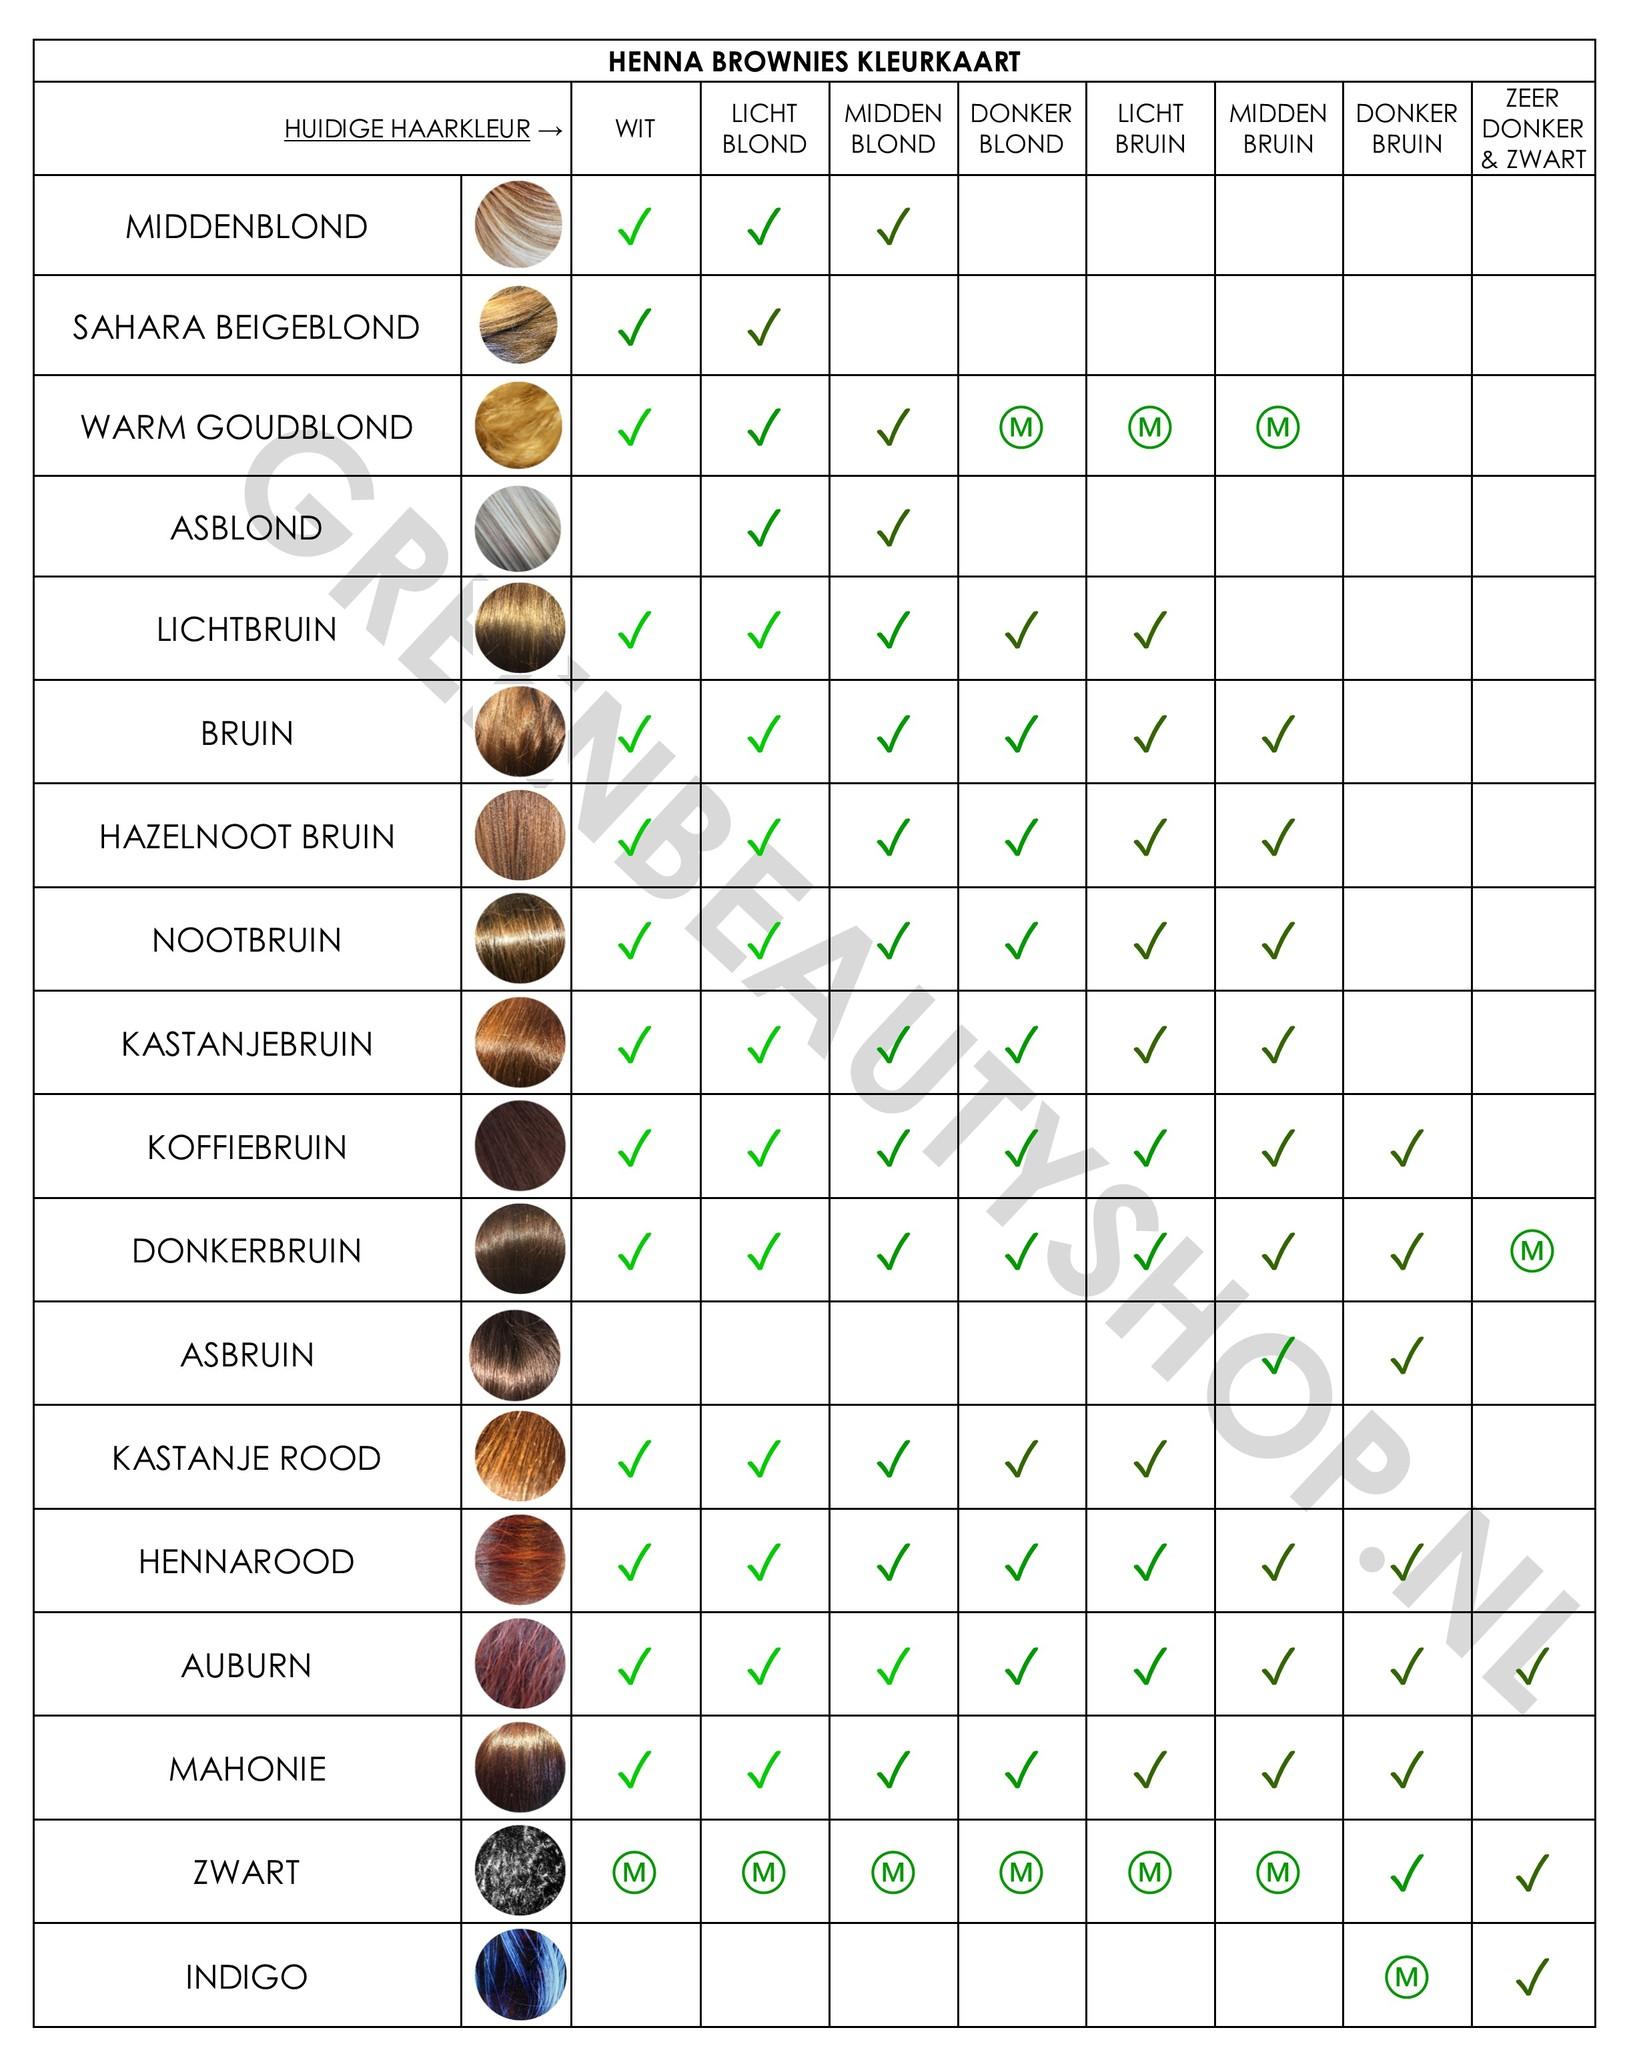 henna brownies haarverf kleurkaart